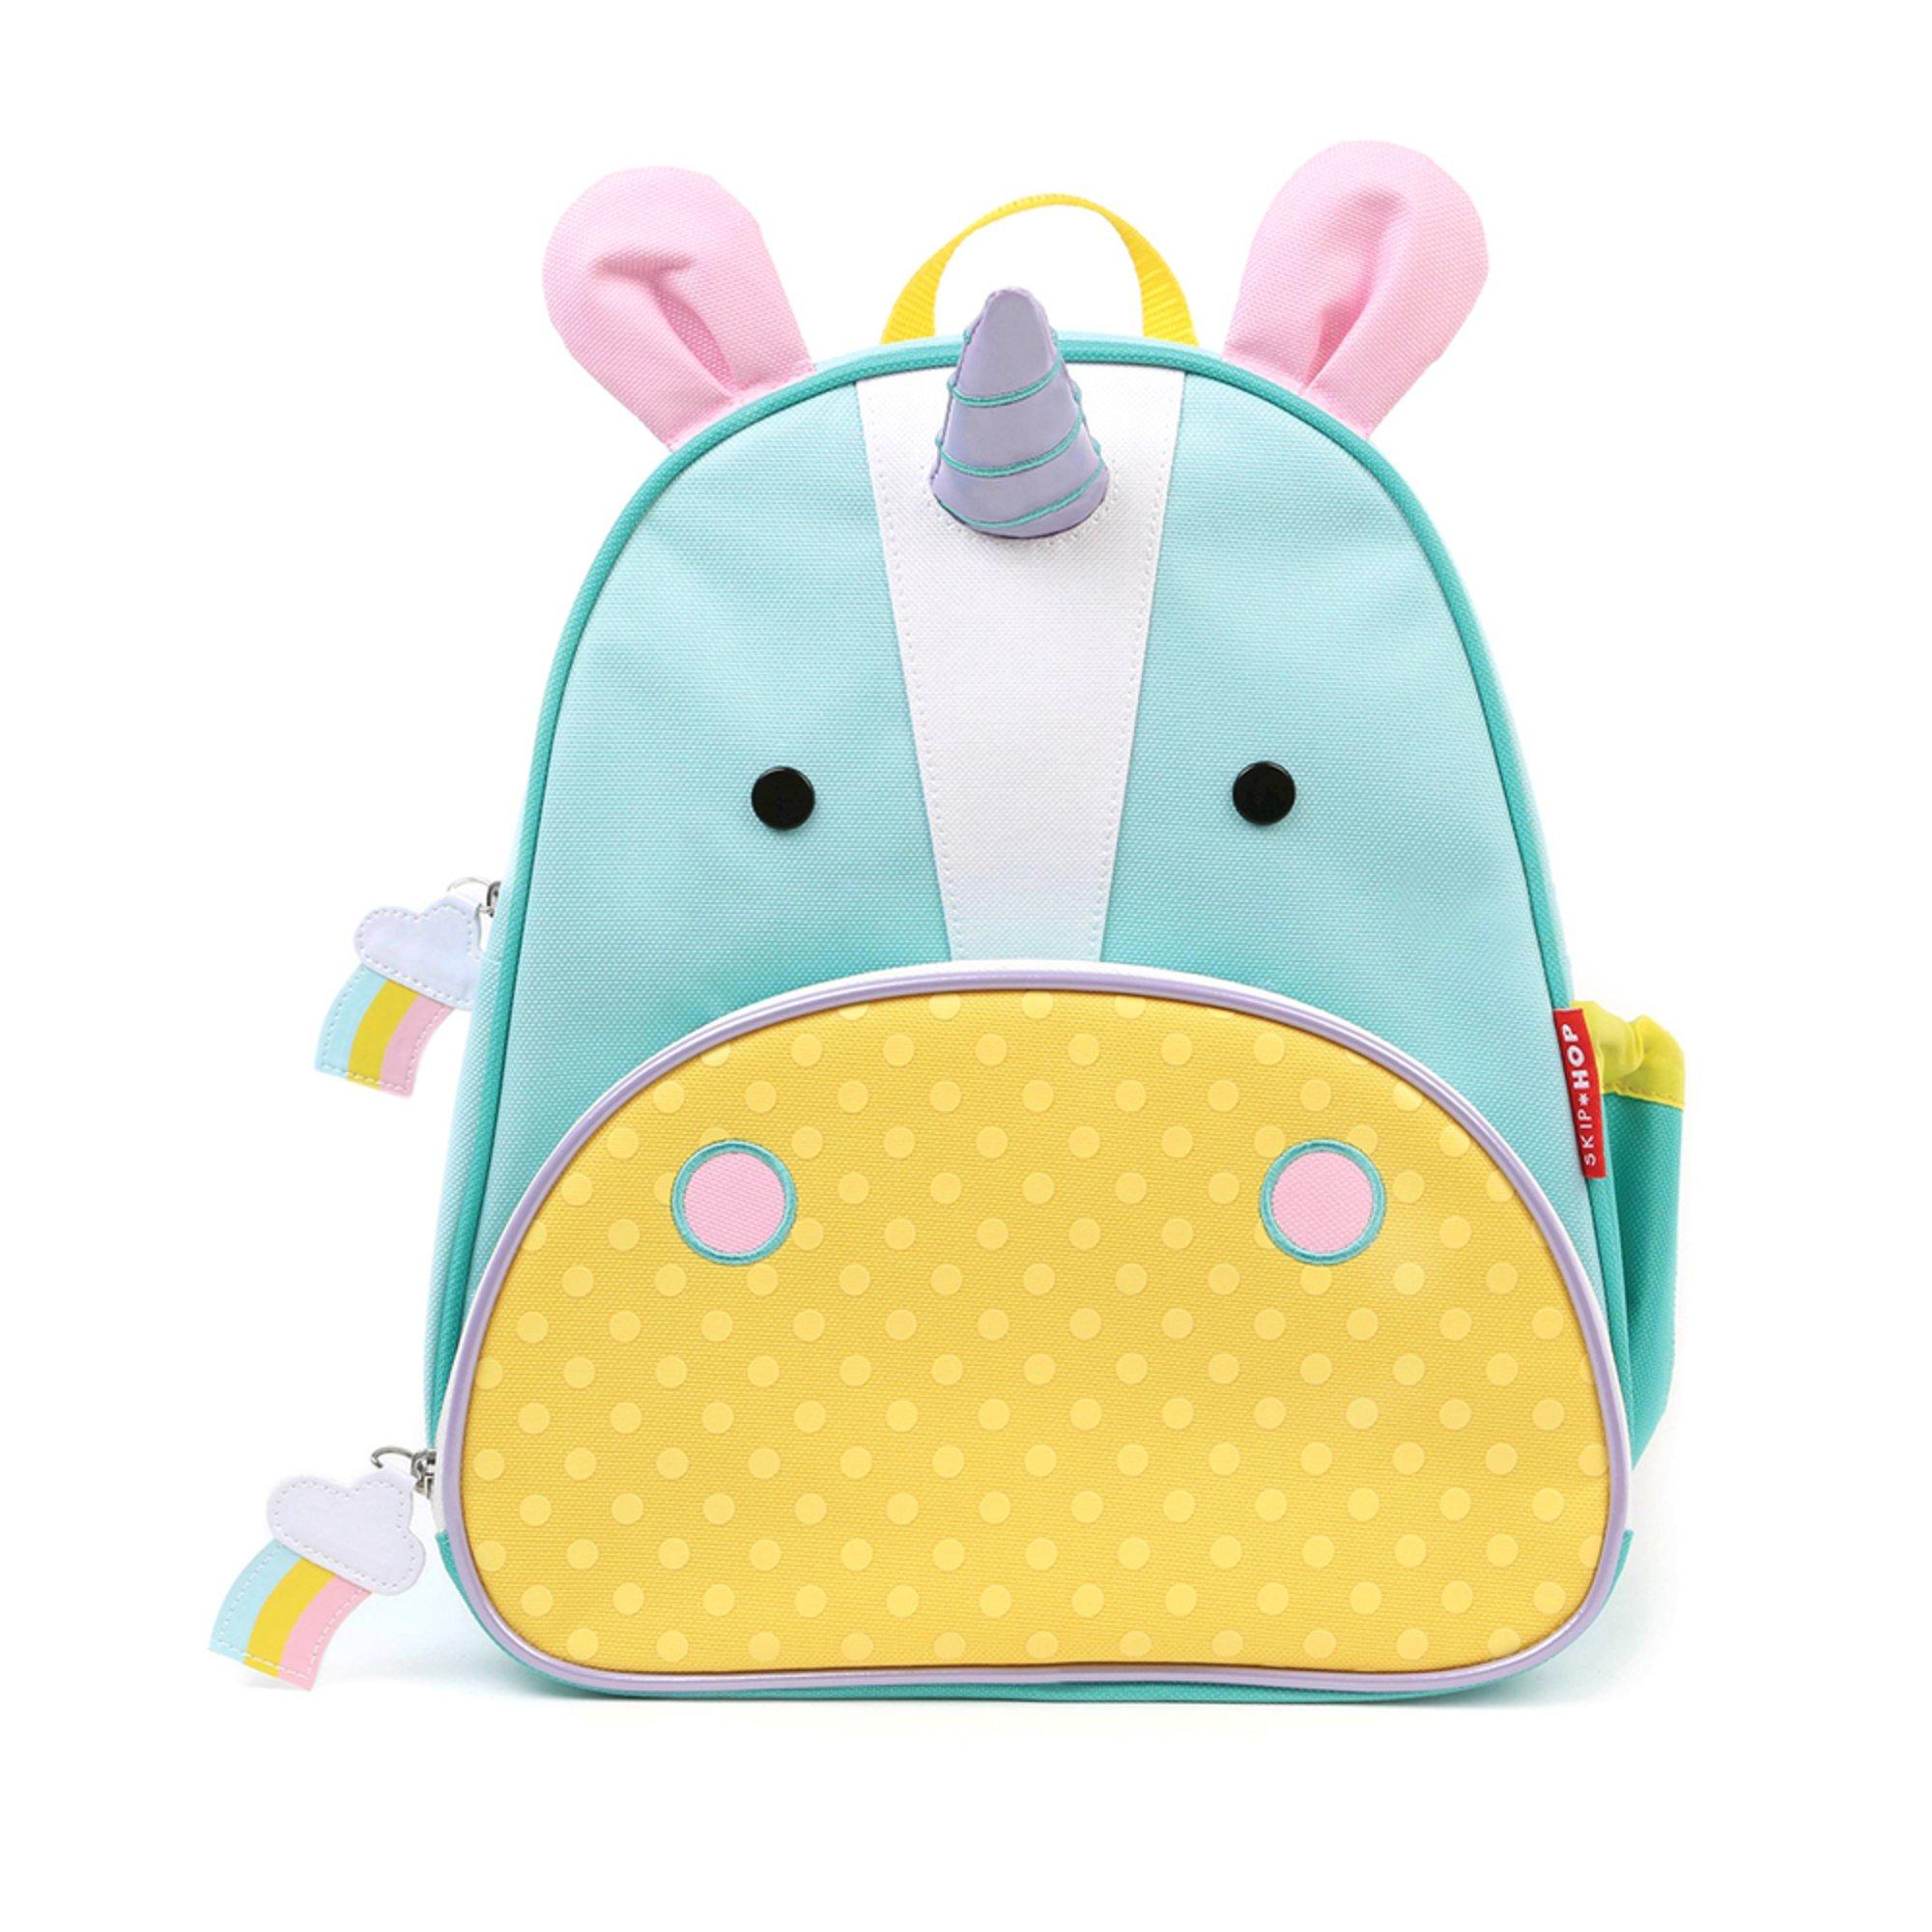 skip hop zoo little kid backpack unicorn backpacks baby kids toys shop your navy. Black Bedroom Furniture Sets. Home Design Ideas